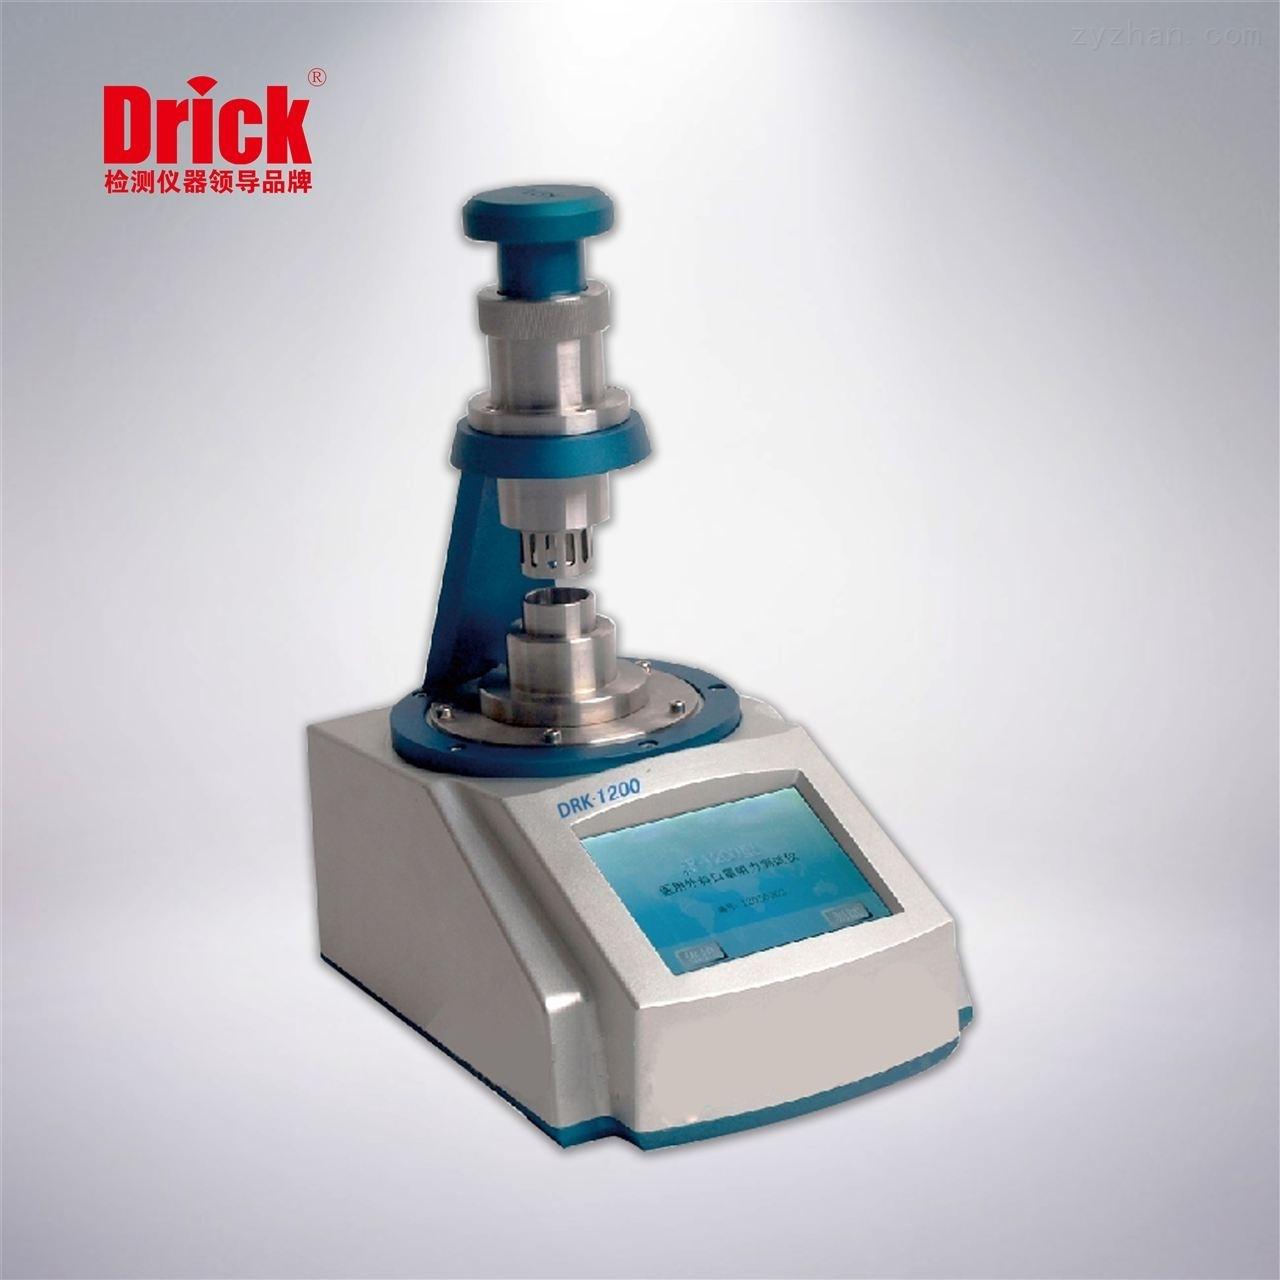 口罩气体交换压力差测试仪